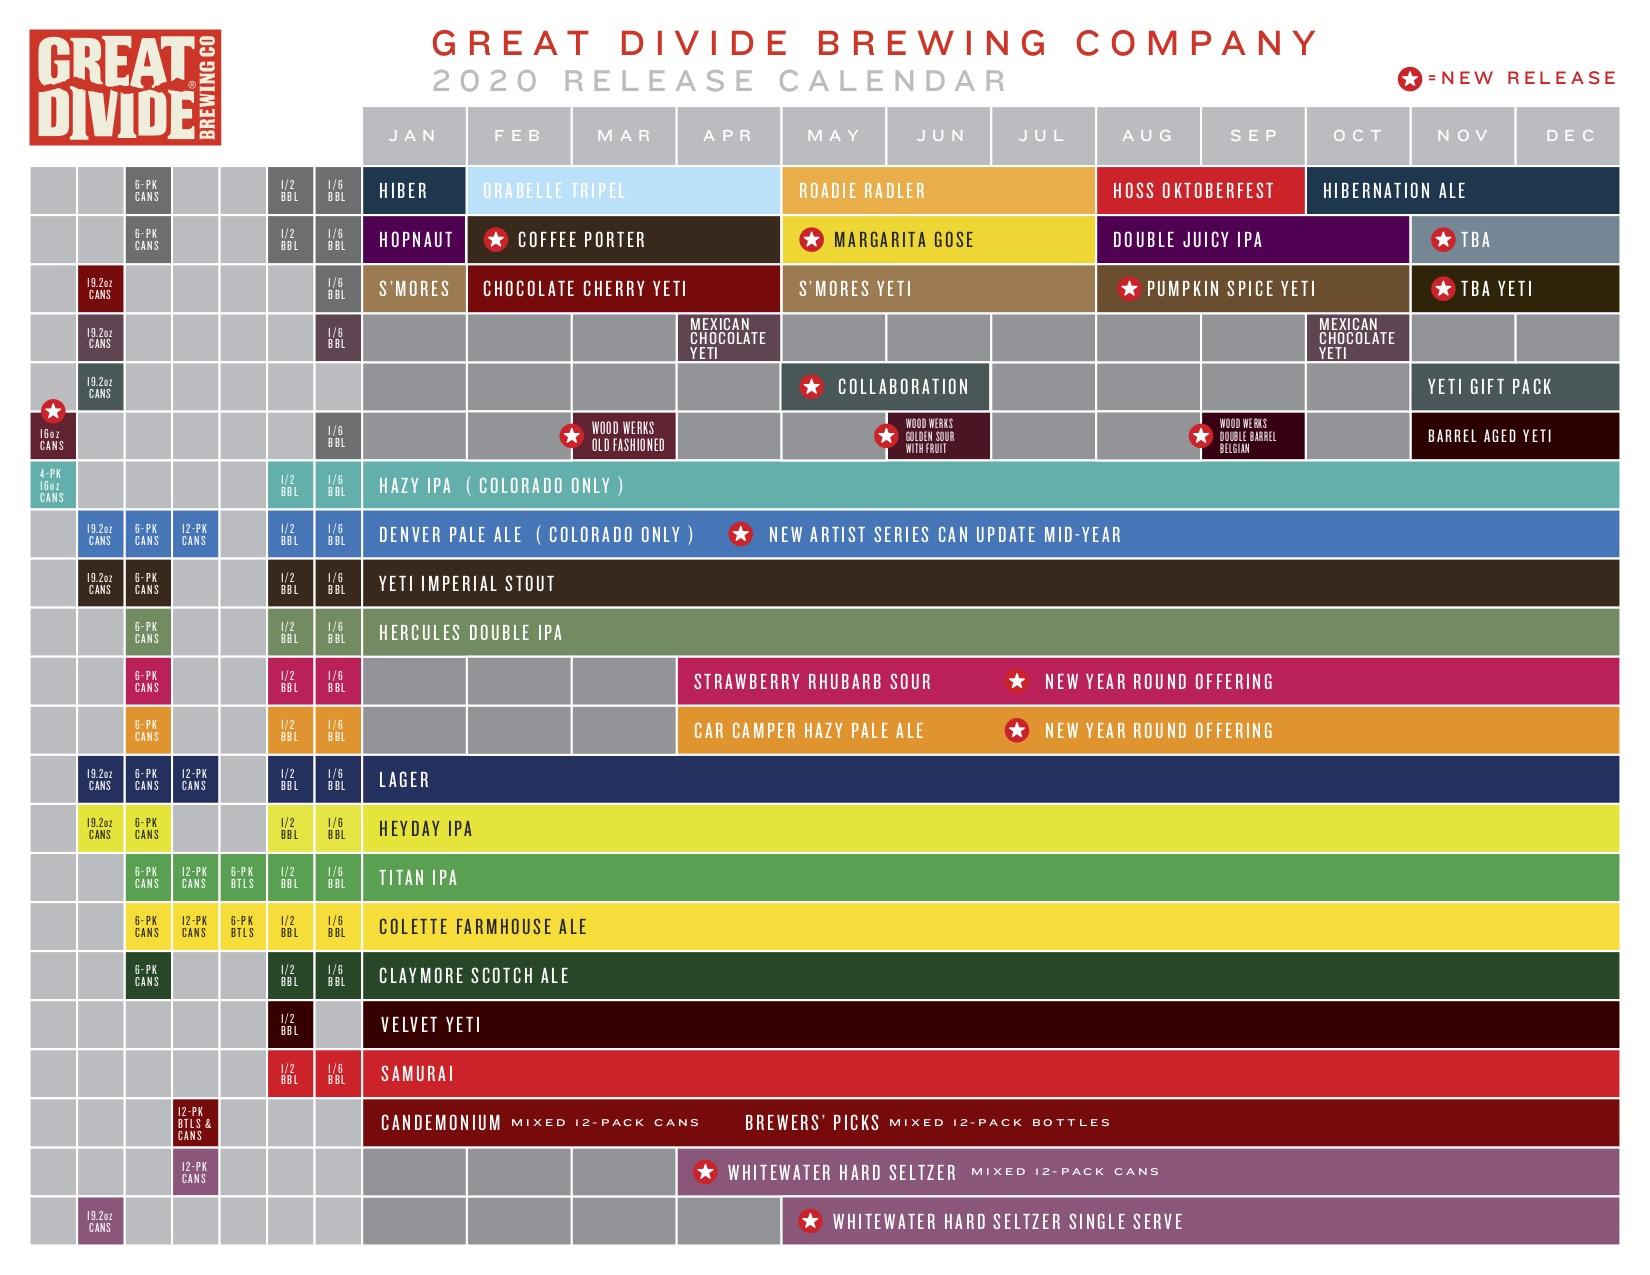 Great Divide 2020 Beer Release Calendar